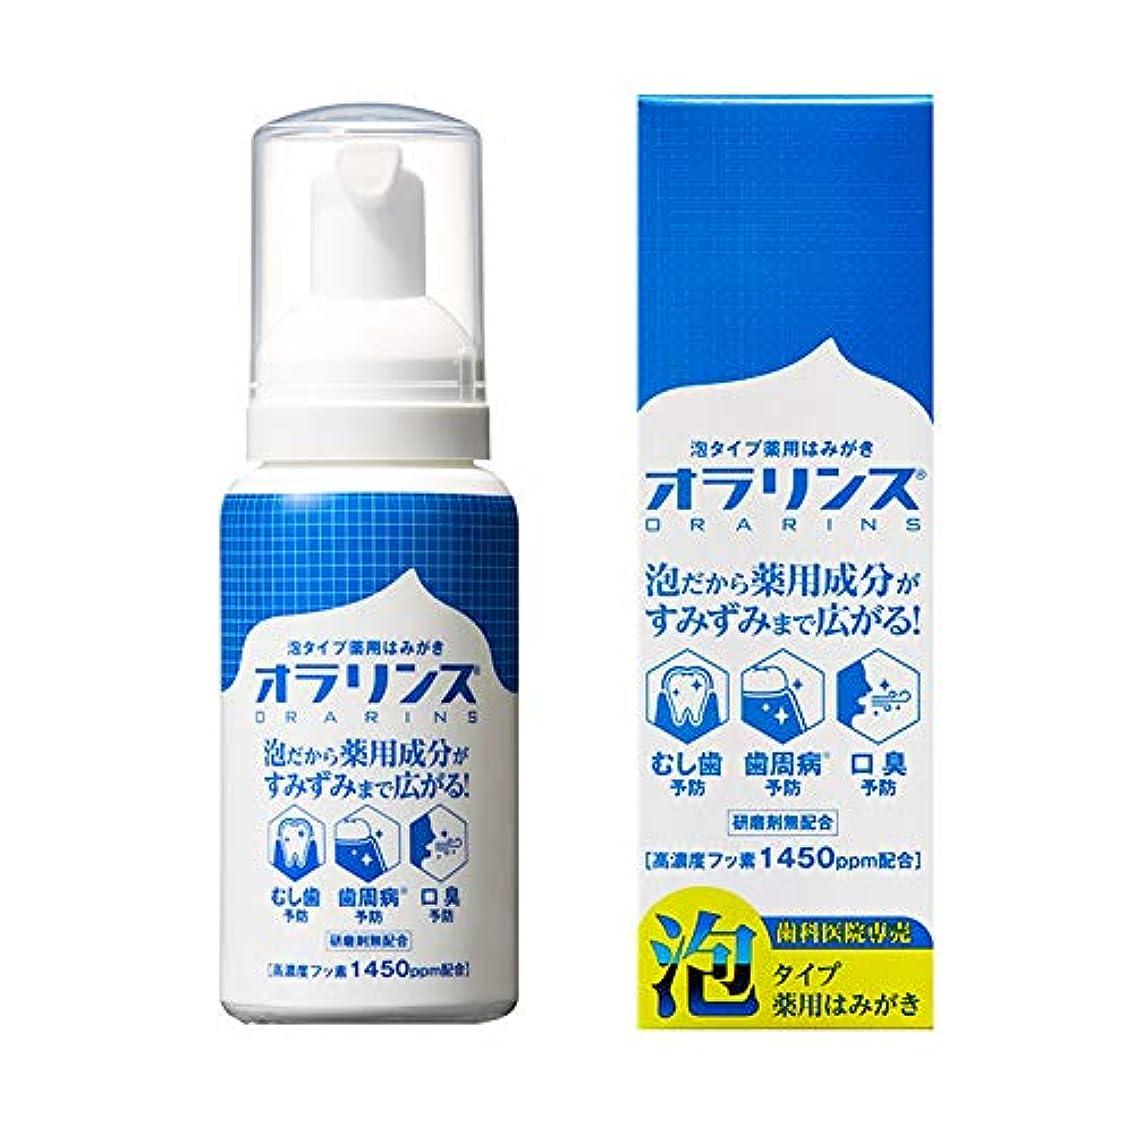 ナビゲーション支給哺乳類オラリンス80ml 泡タイプ薬用歯磨き フッ素1450ppm 歯科専売品